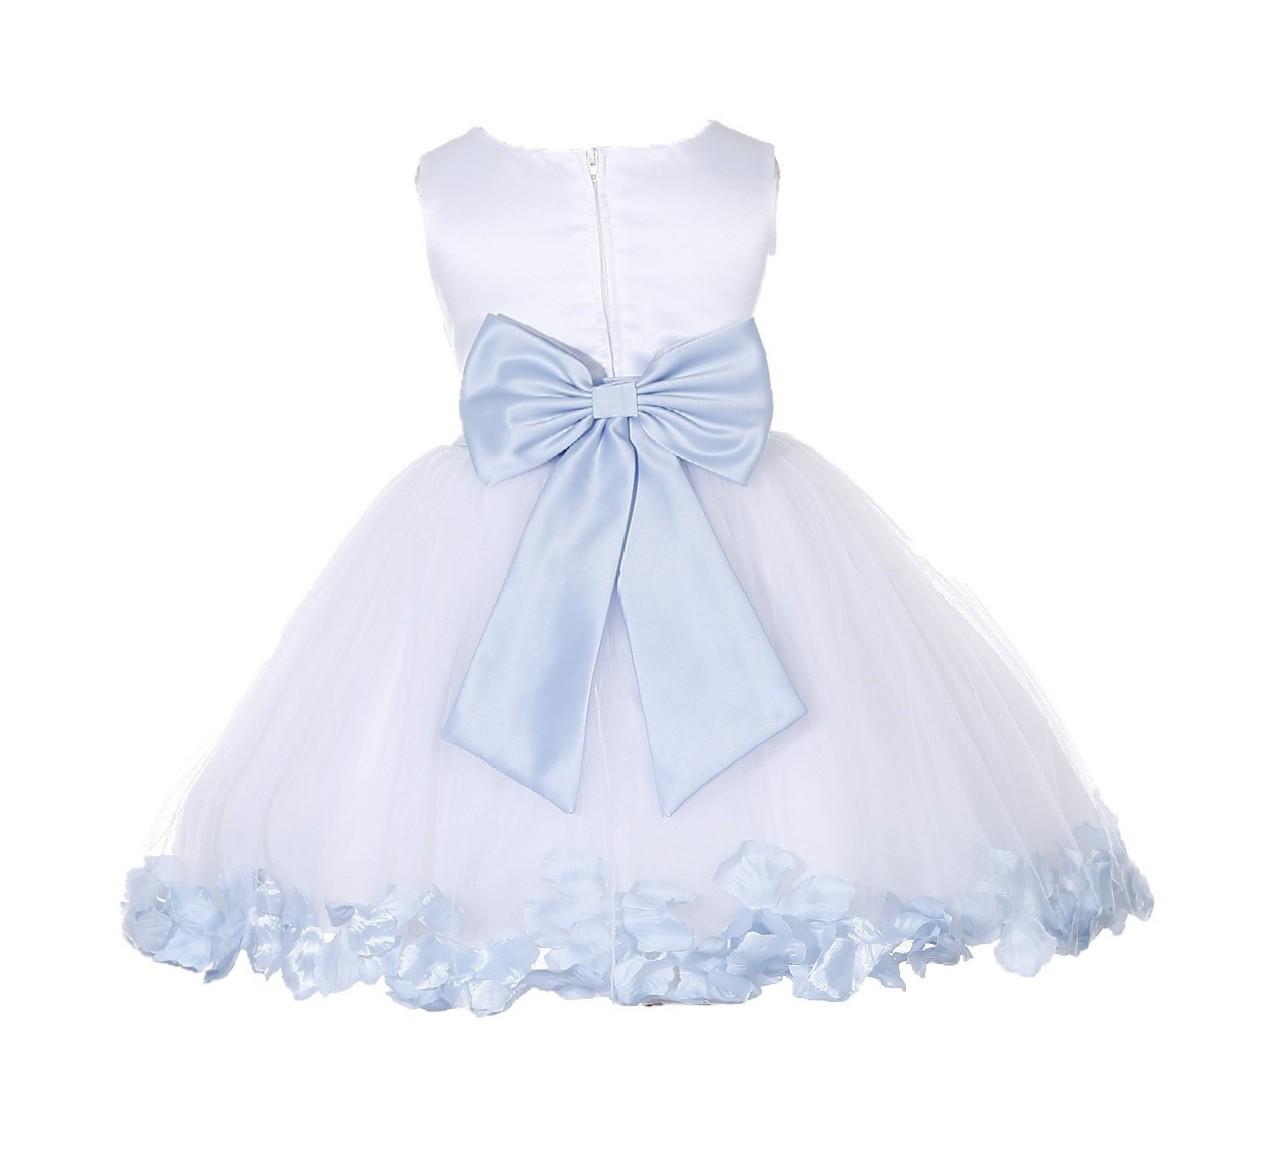 White/ Ice Blue Rose Petals Tulle Flower Girl Dress Wedding 305T